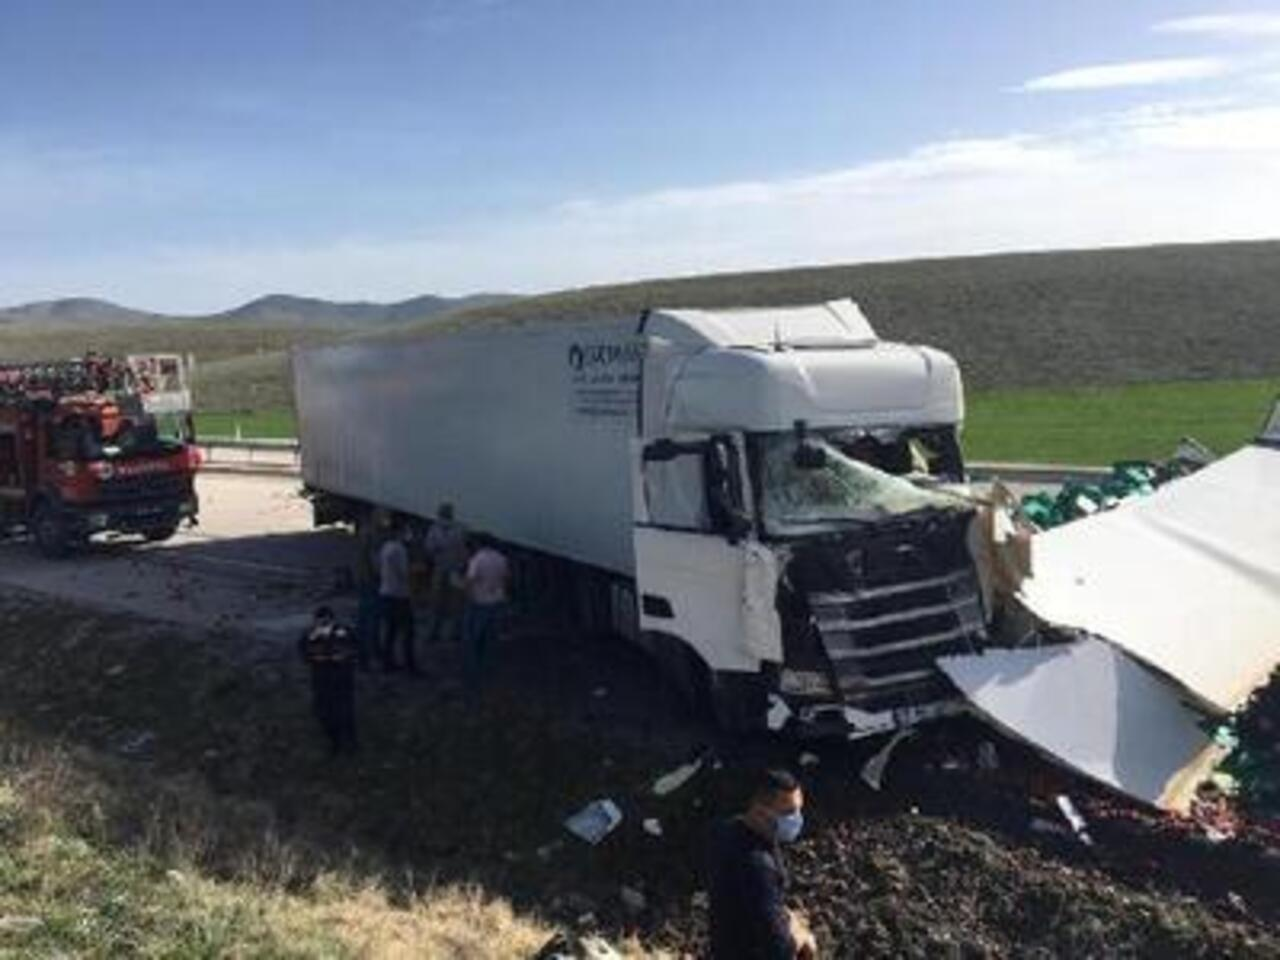 Kütahya'da iki kamyon çarpıştı: 1 ölü, 1 yaralı